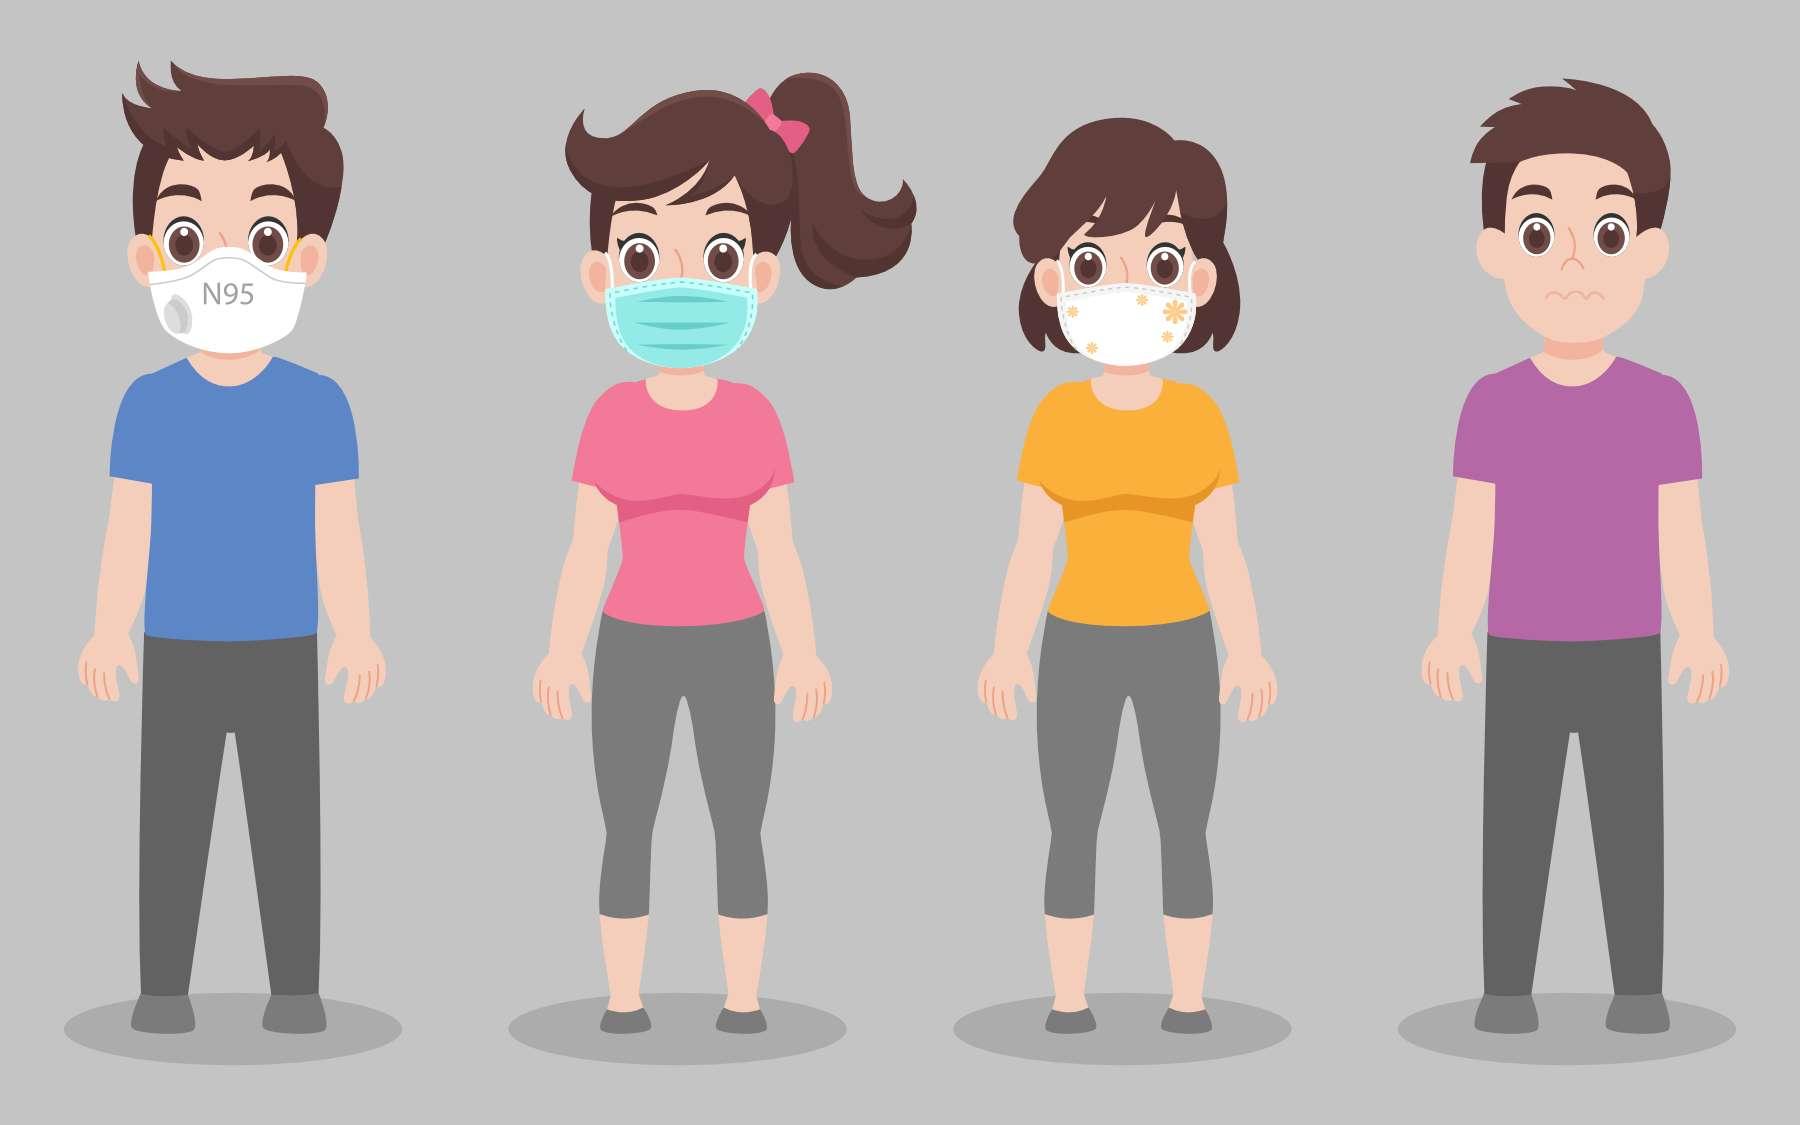 Masques : suivez-vous à la lettre les recommandations de l'OMS ? © Poi Natthaya, Adobe Stock